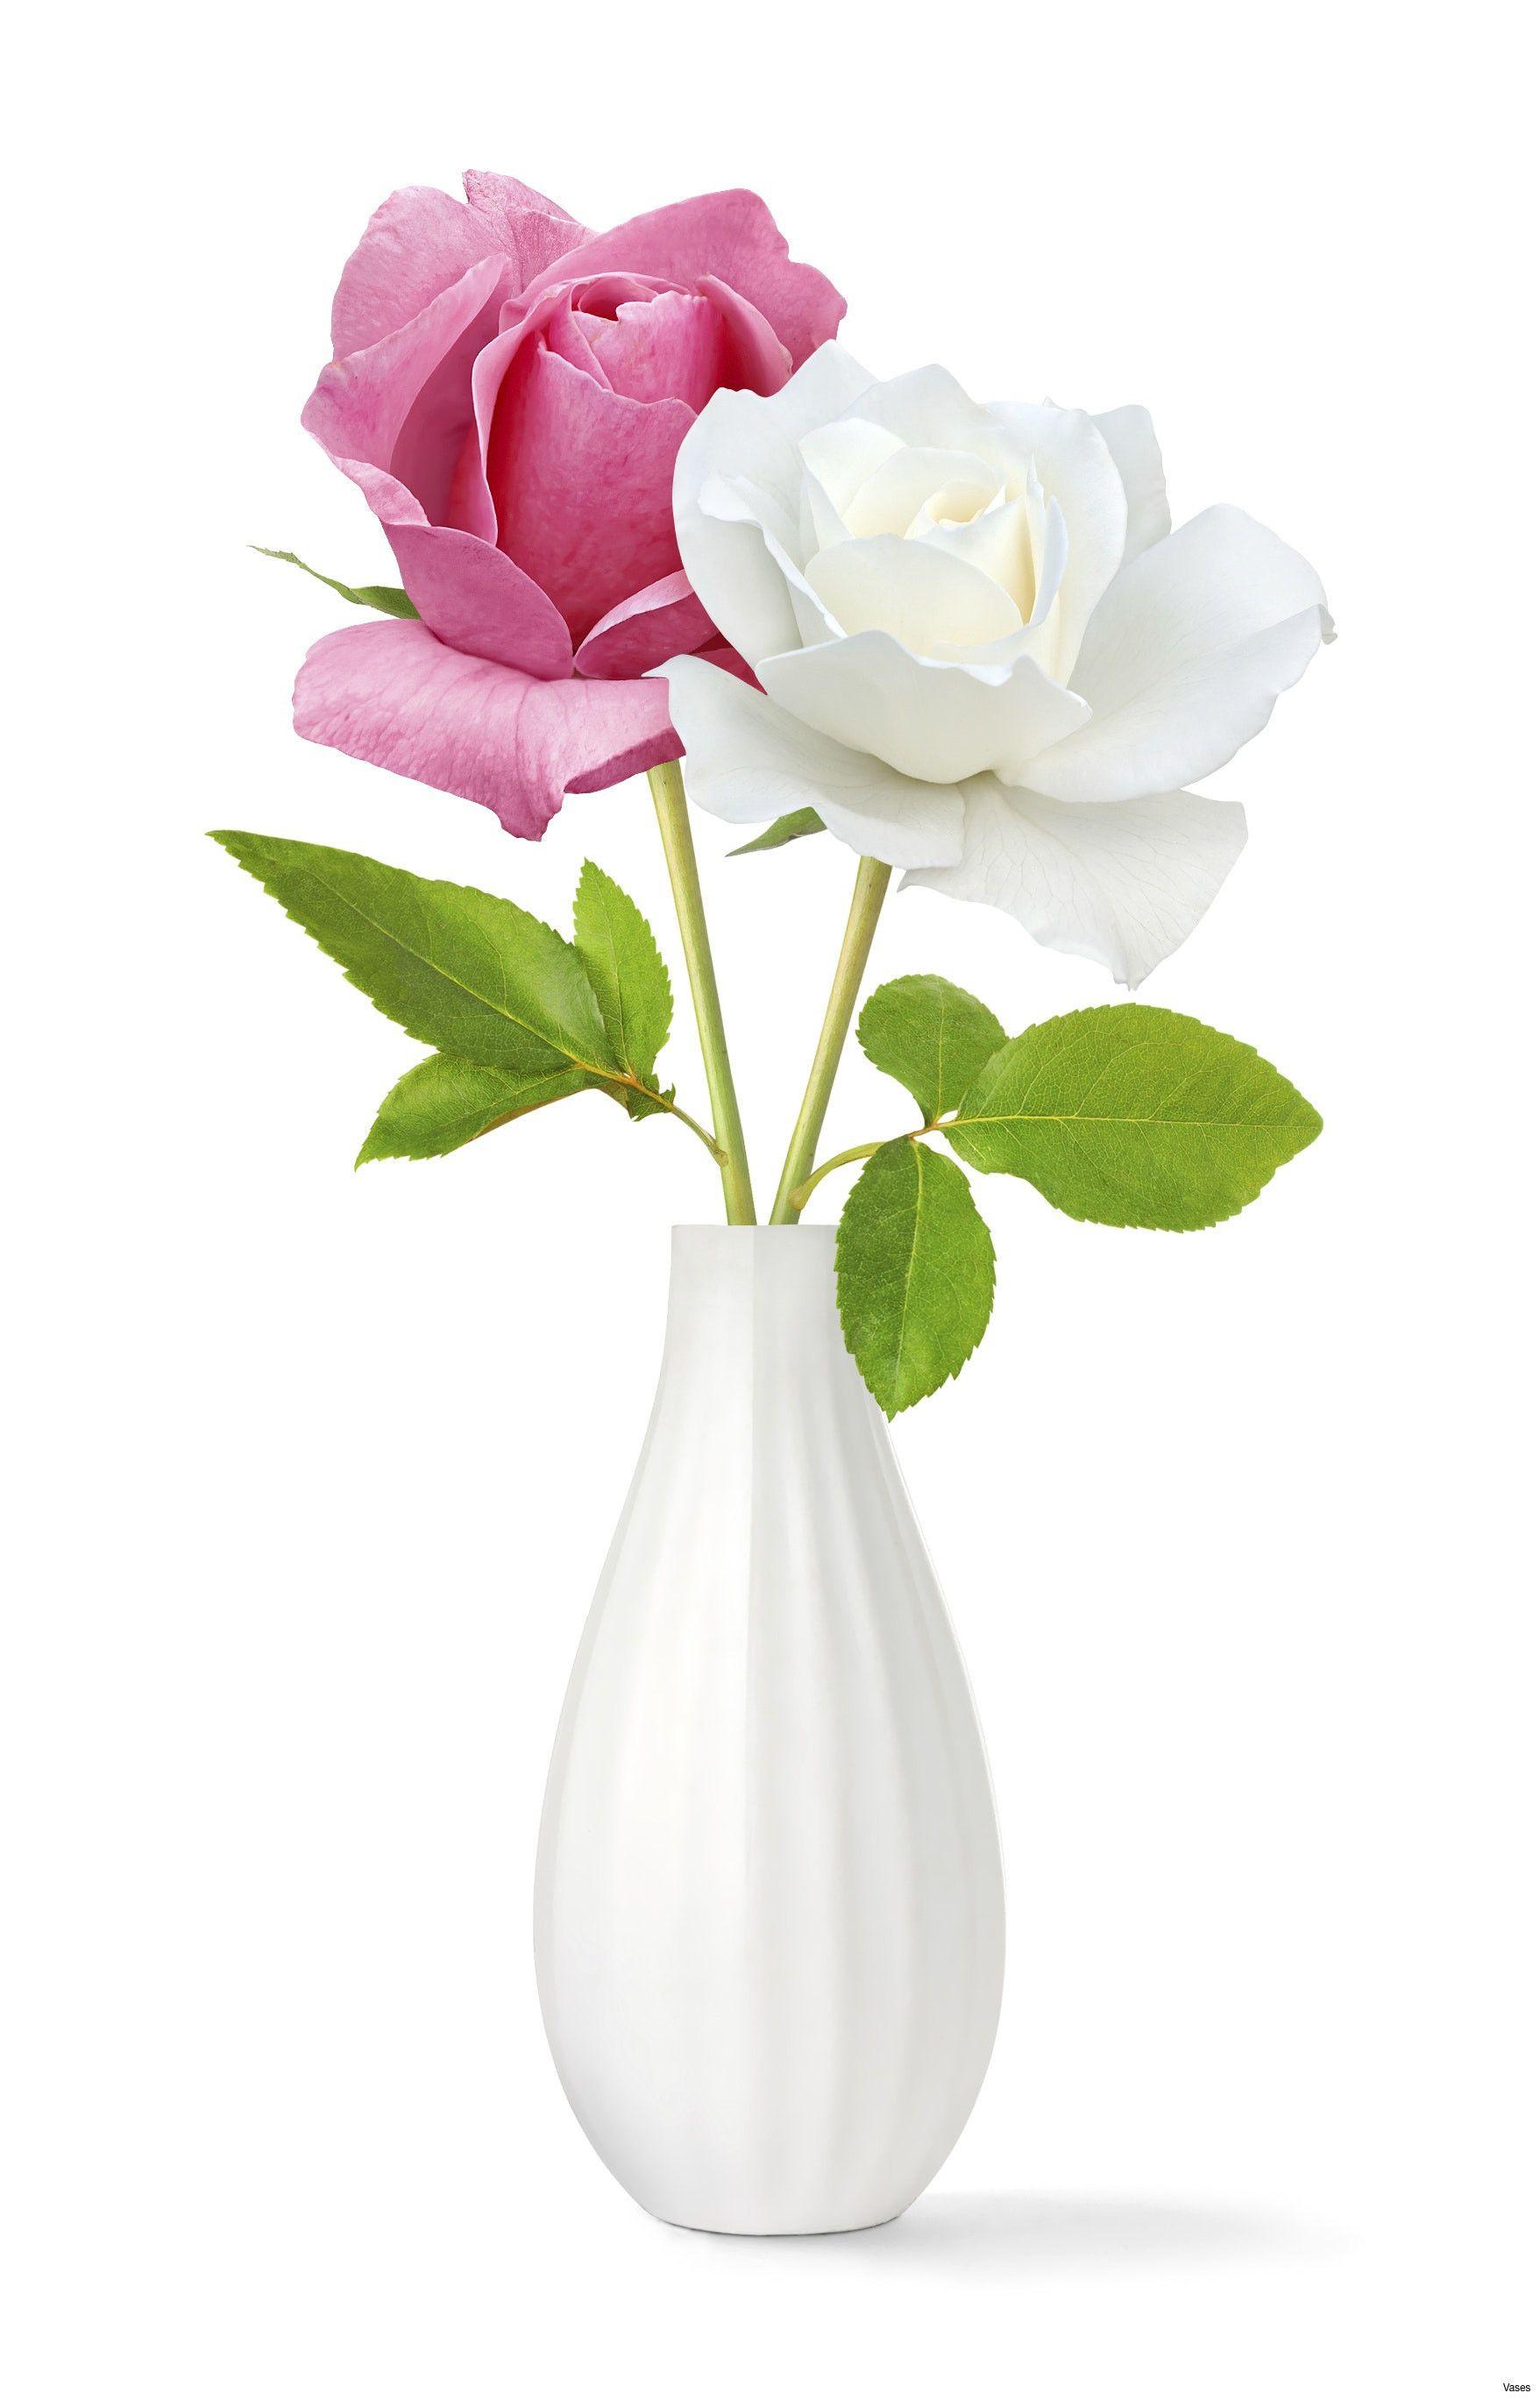 Vase Lights Of Light Pink Vase Elegant Roses Red In A Vase Singleh Vases Rose Intended for Light Pink Vase Elegant Roses Red In A Vase Singleh Vases Rose Single I 0d Scheme